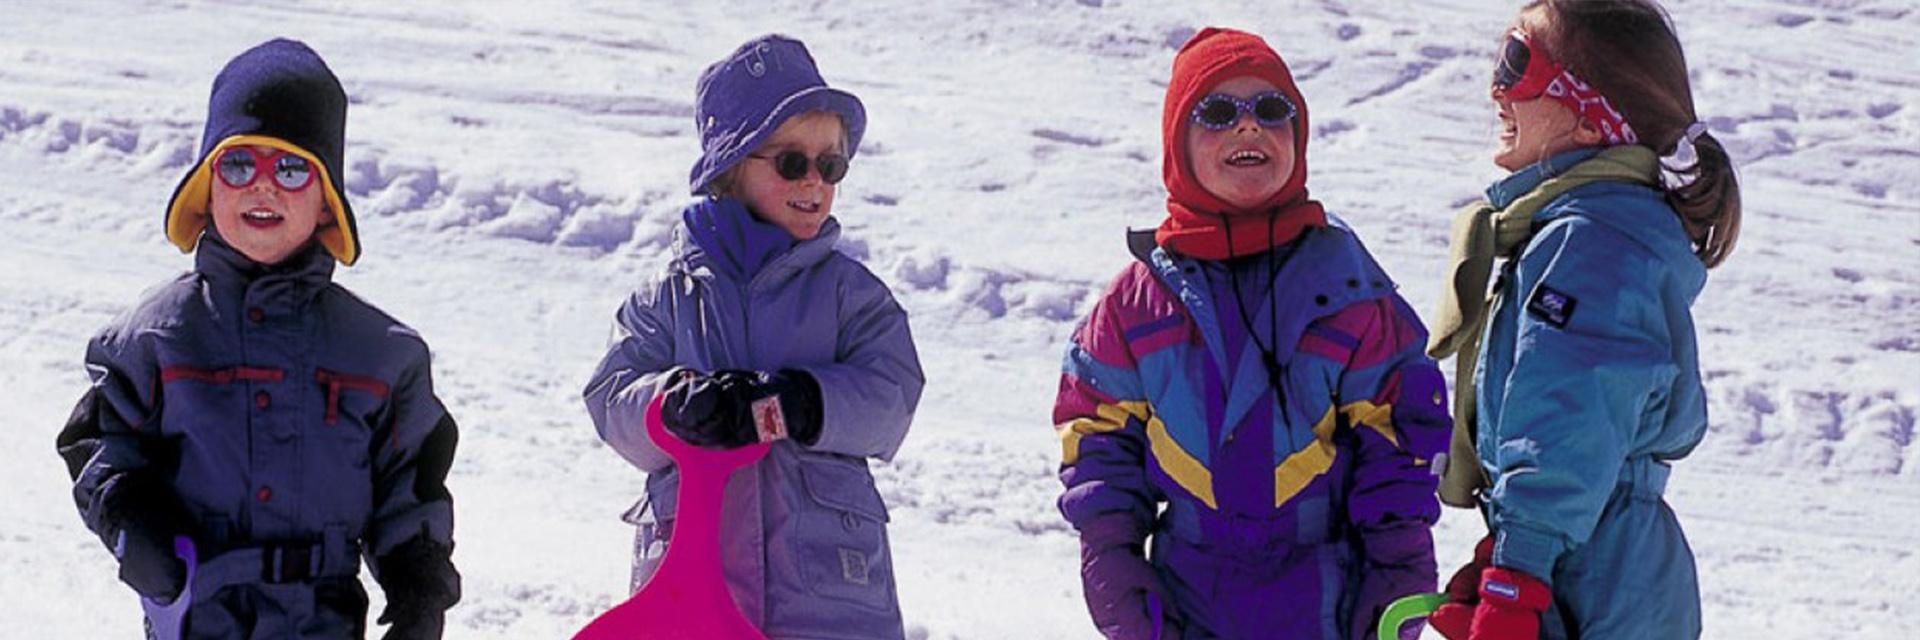 Neige : classe traîneaux à chiens, raquettes à neige - Village de Vacances de Marc